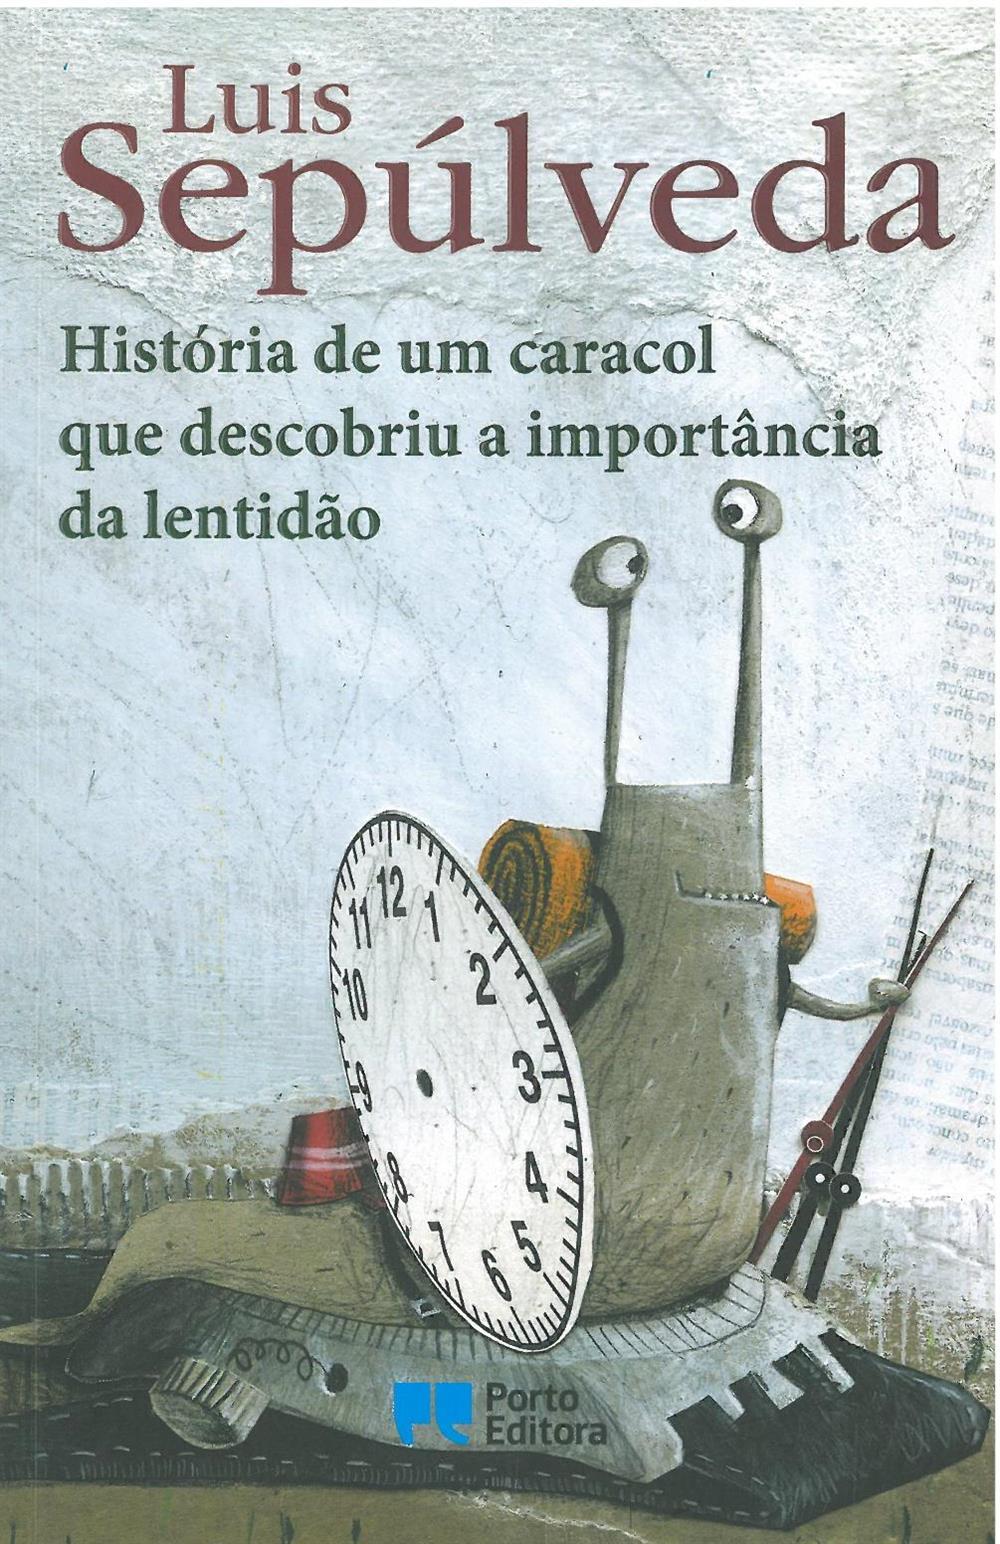 História de um caracol que descobriu a importância da lentidão_.jpg